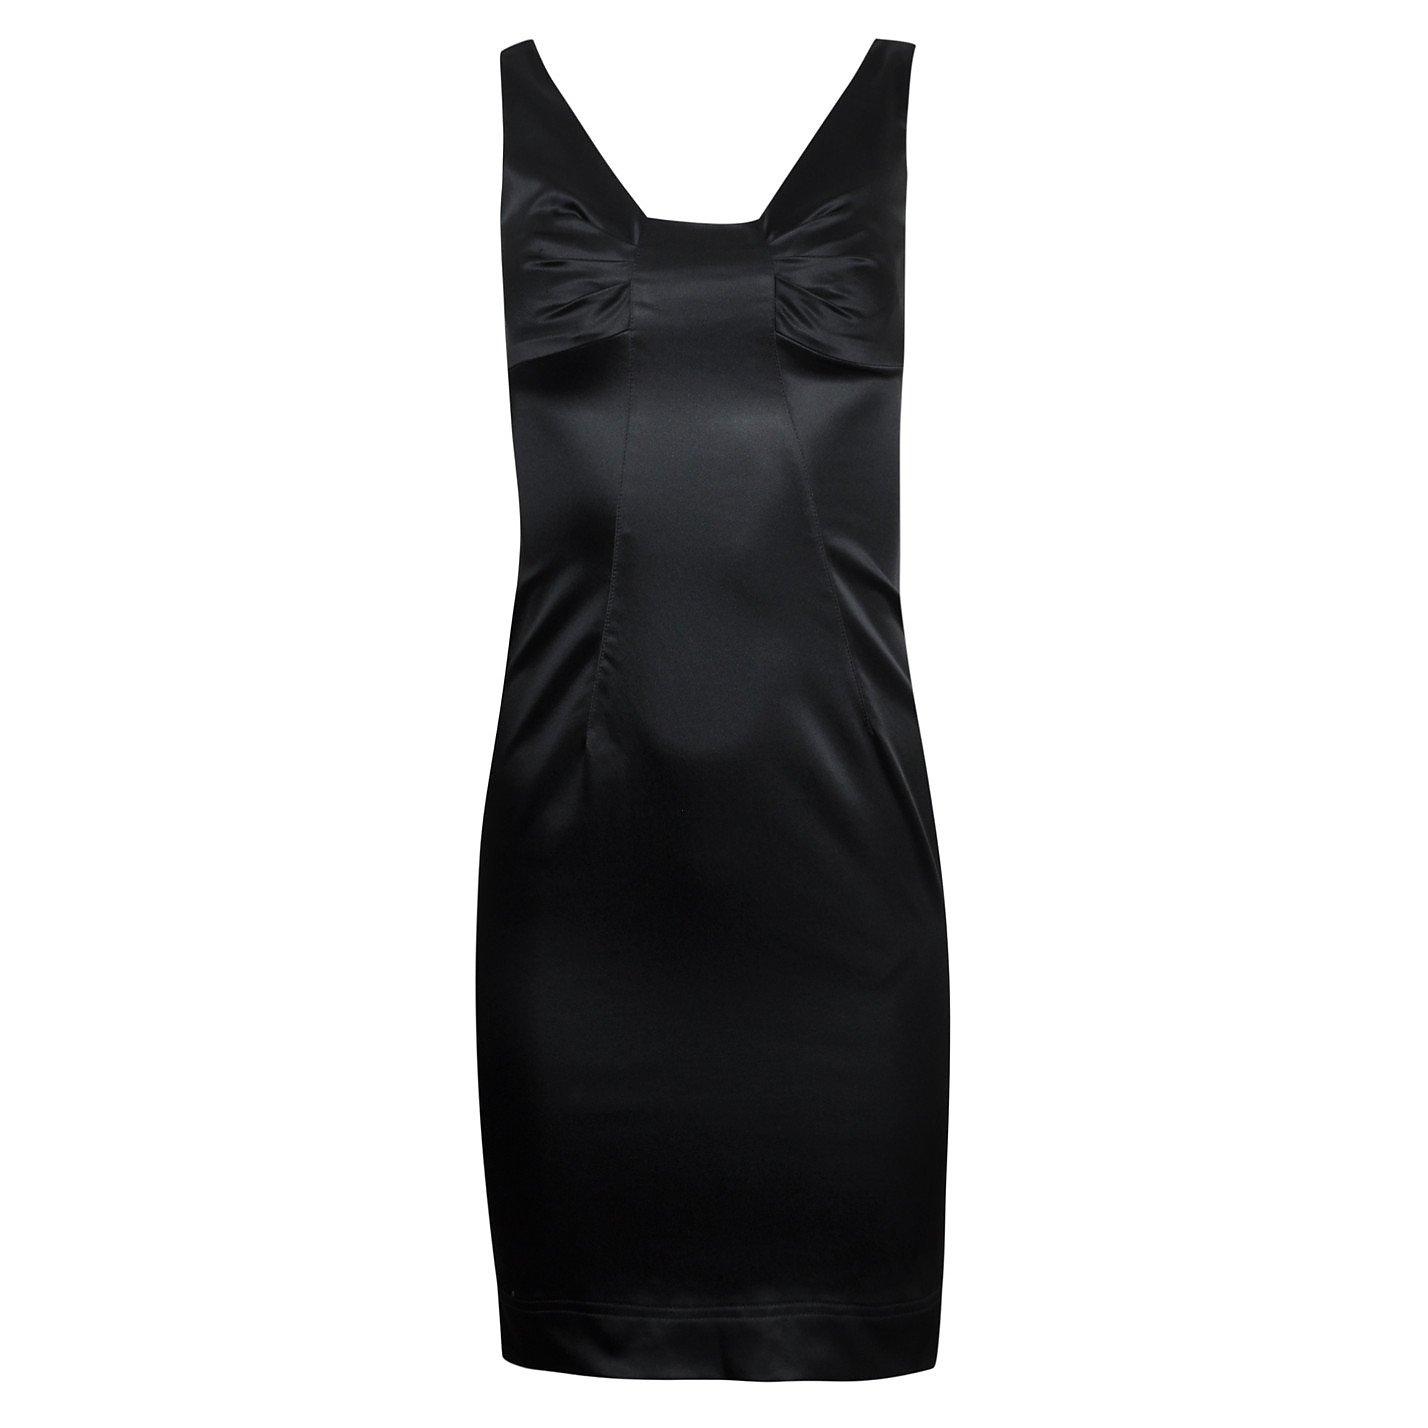 DOLCE & GABBANA Sleeveless Silk Dress